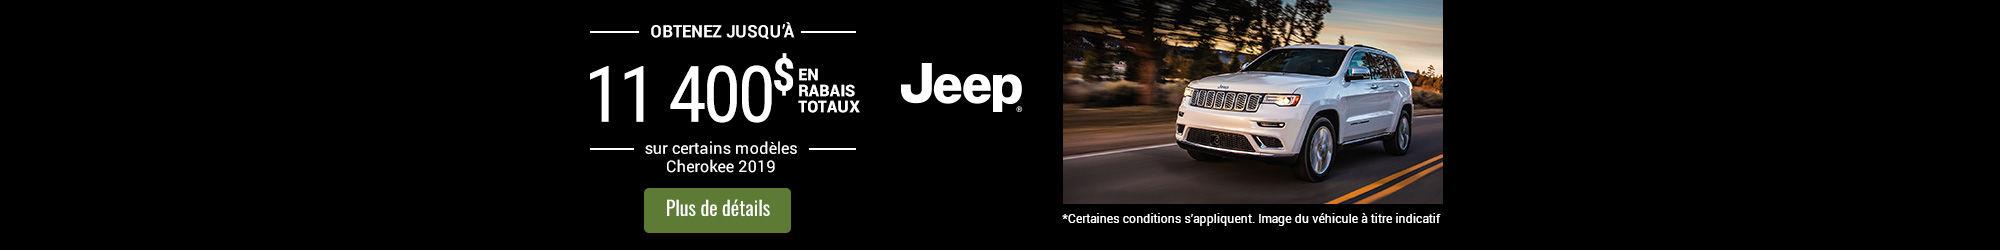 L'événement - Jeep